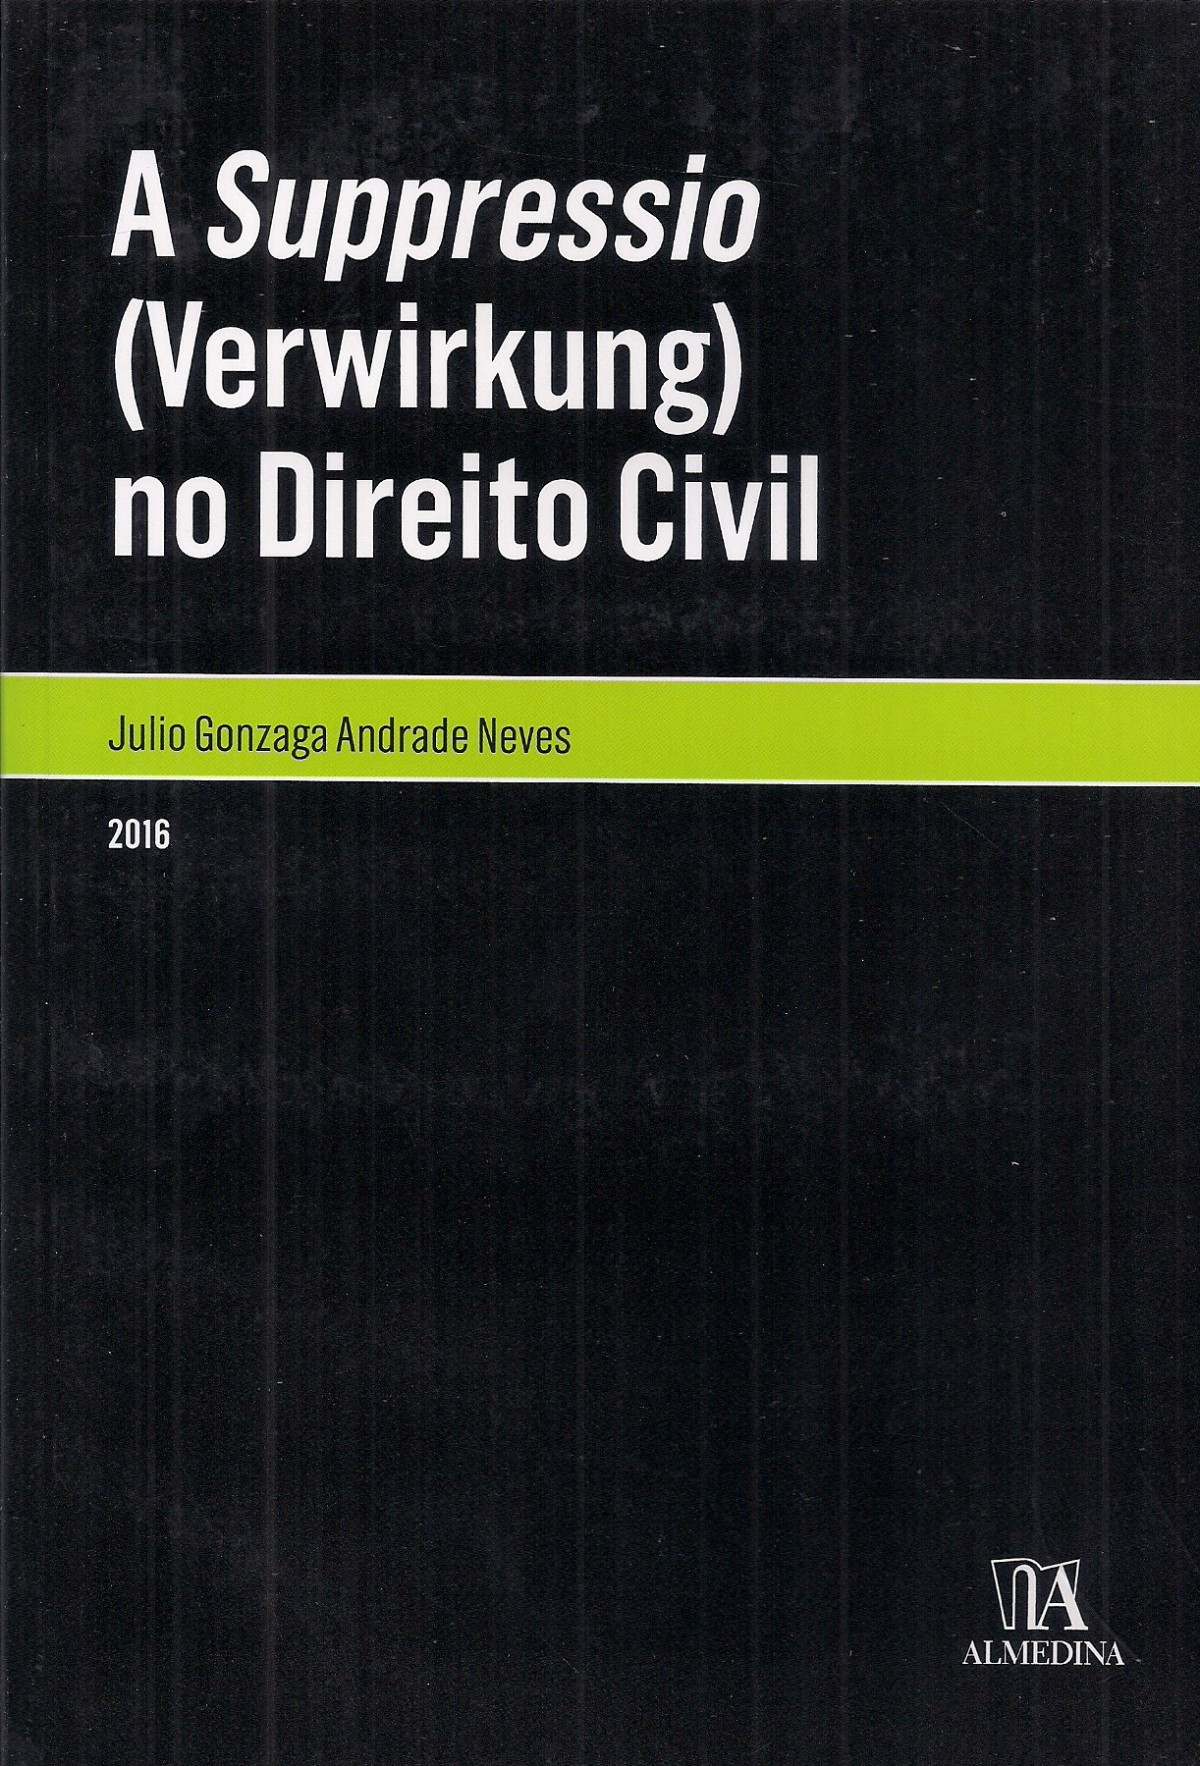 Foto 1 - A Suppressio (Verwirkung) no Direito Civil